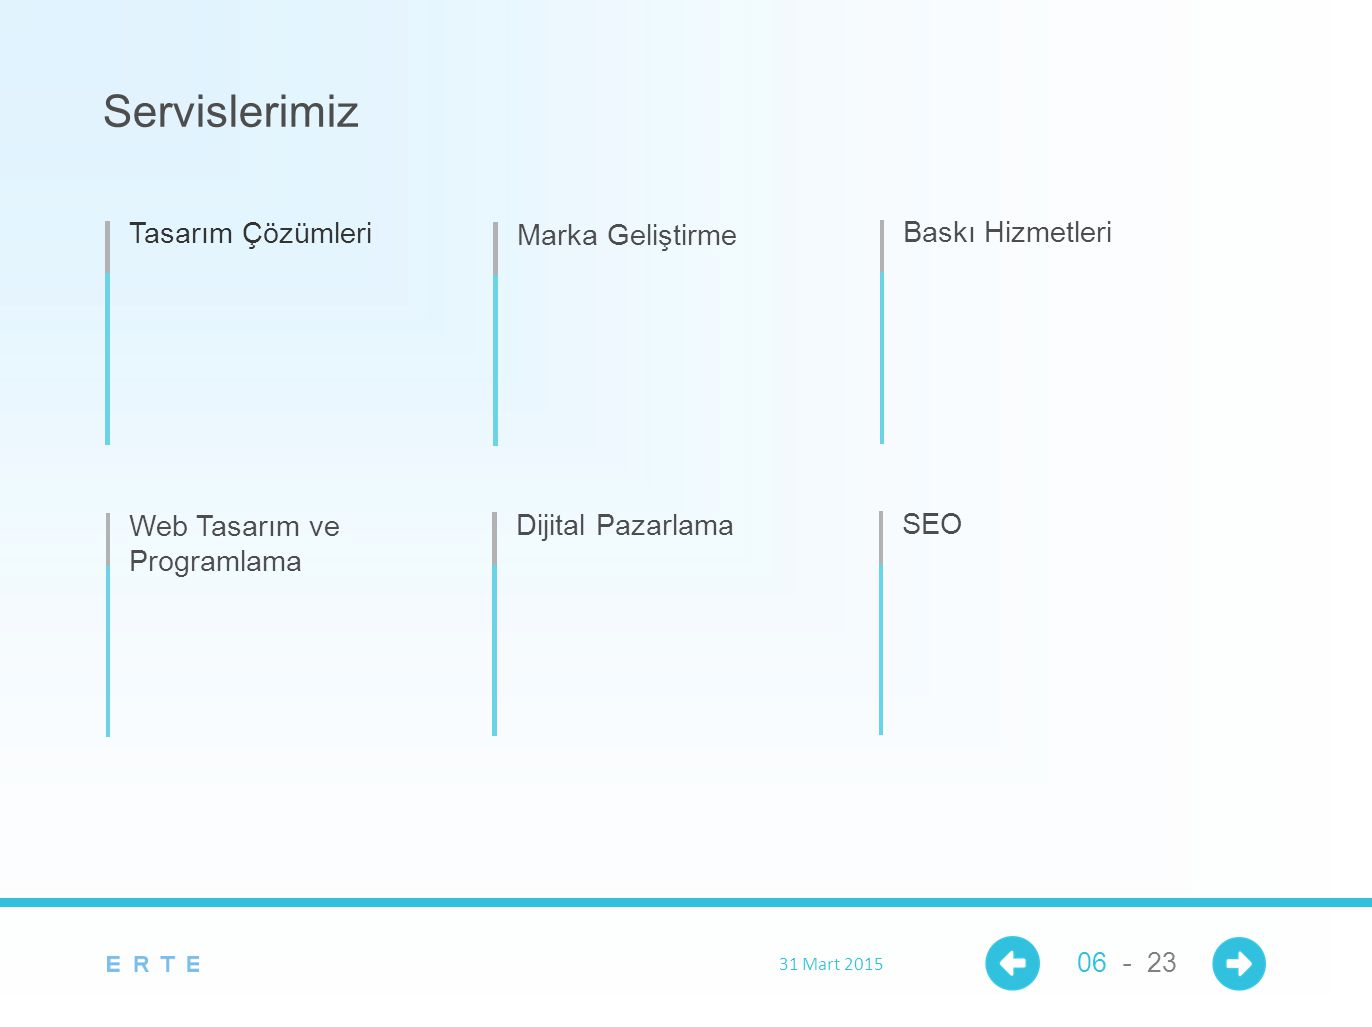 Servislerimiz Tasarım Çözümleri Marka Geliştirme Baskı Hizmetleri Web Tasarım ve Programlama Dijital Pazarlama SEO 31 Mart 2015 06 - 23